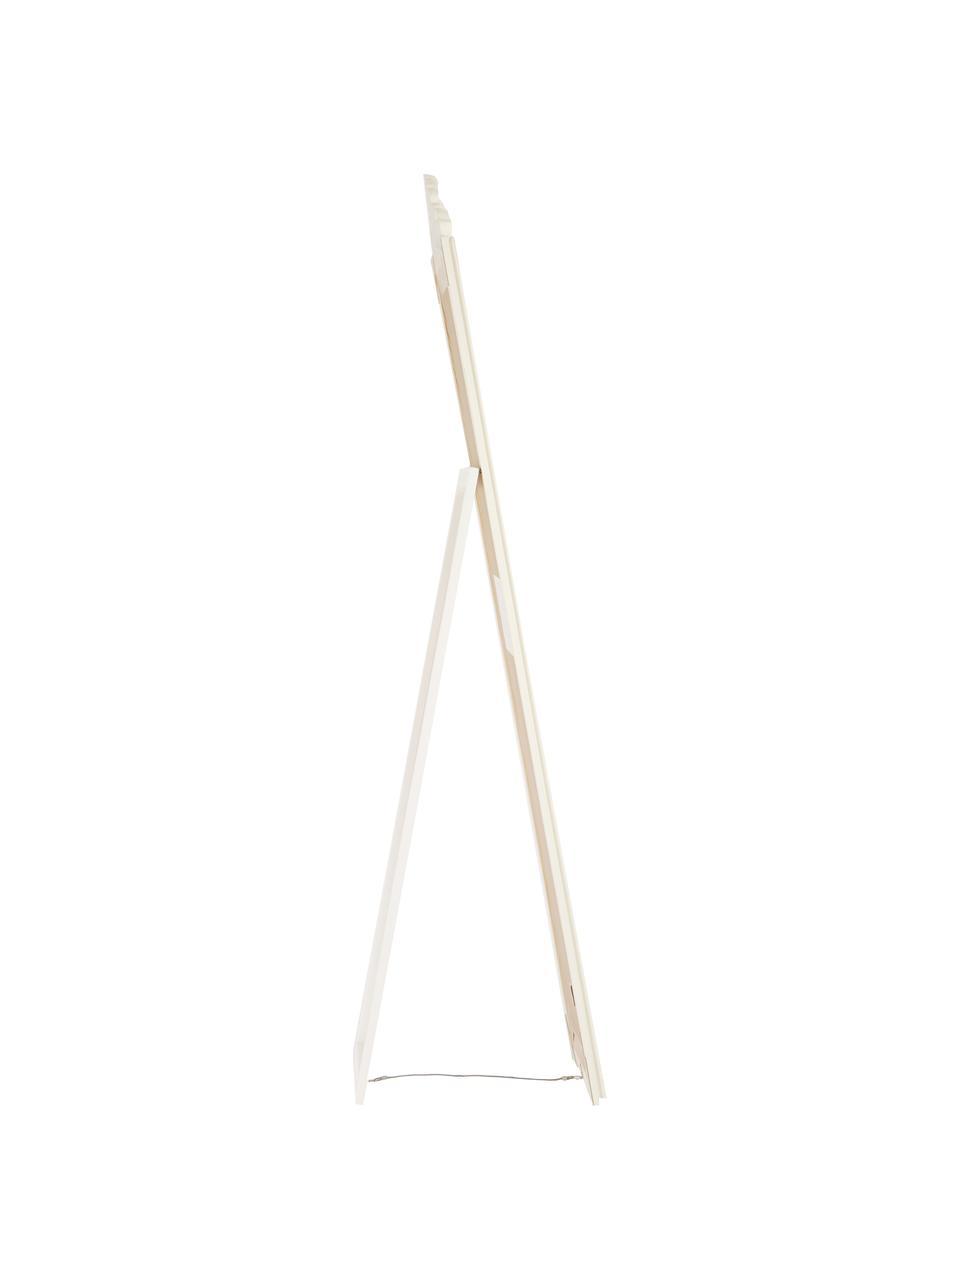 Standspiegel Lambeth mit Holzrahmen, Rahmen: Paulowniaholz, Polyresin,, Spiegelfläche: Spiegelglas, Weiß, 46 x 179 cm